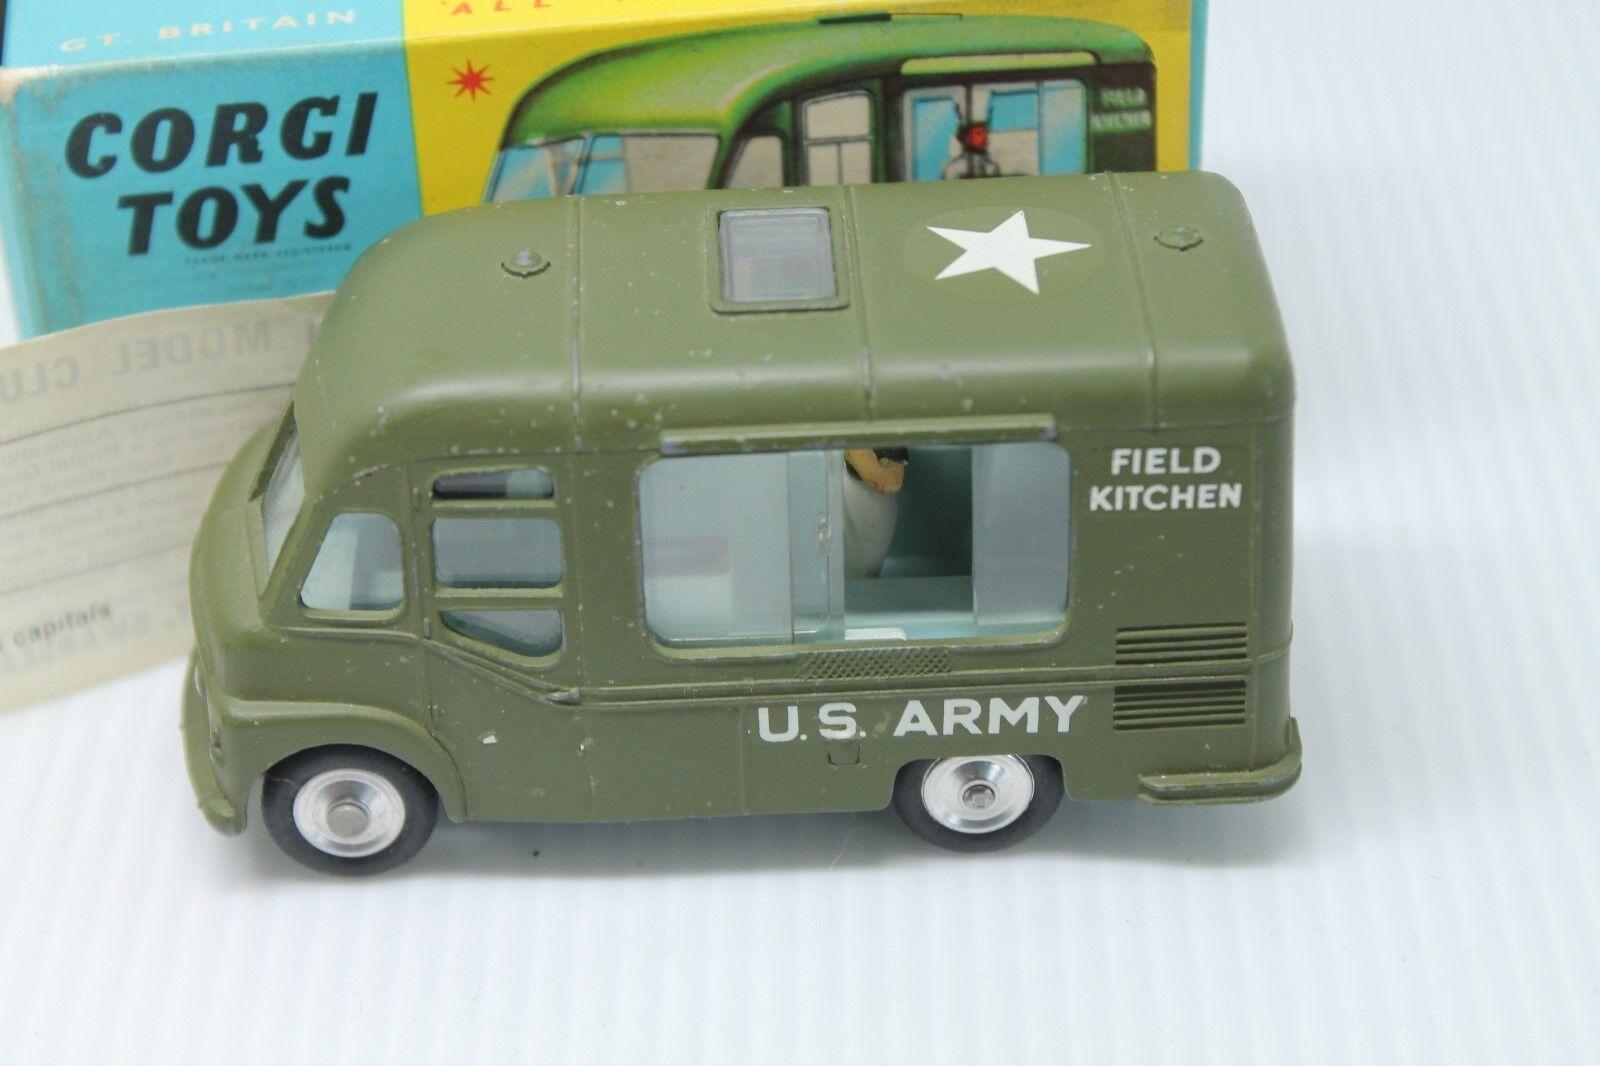 Corgi toys 359  Smiths Karrier Mobile Canteen  U.S Army  1 43